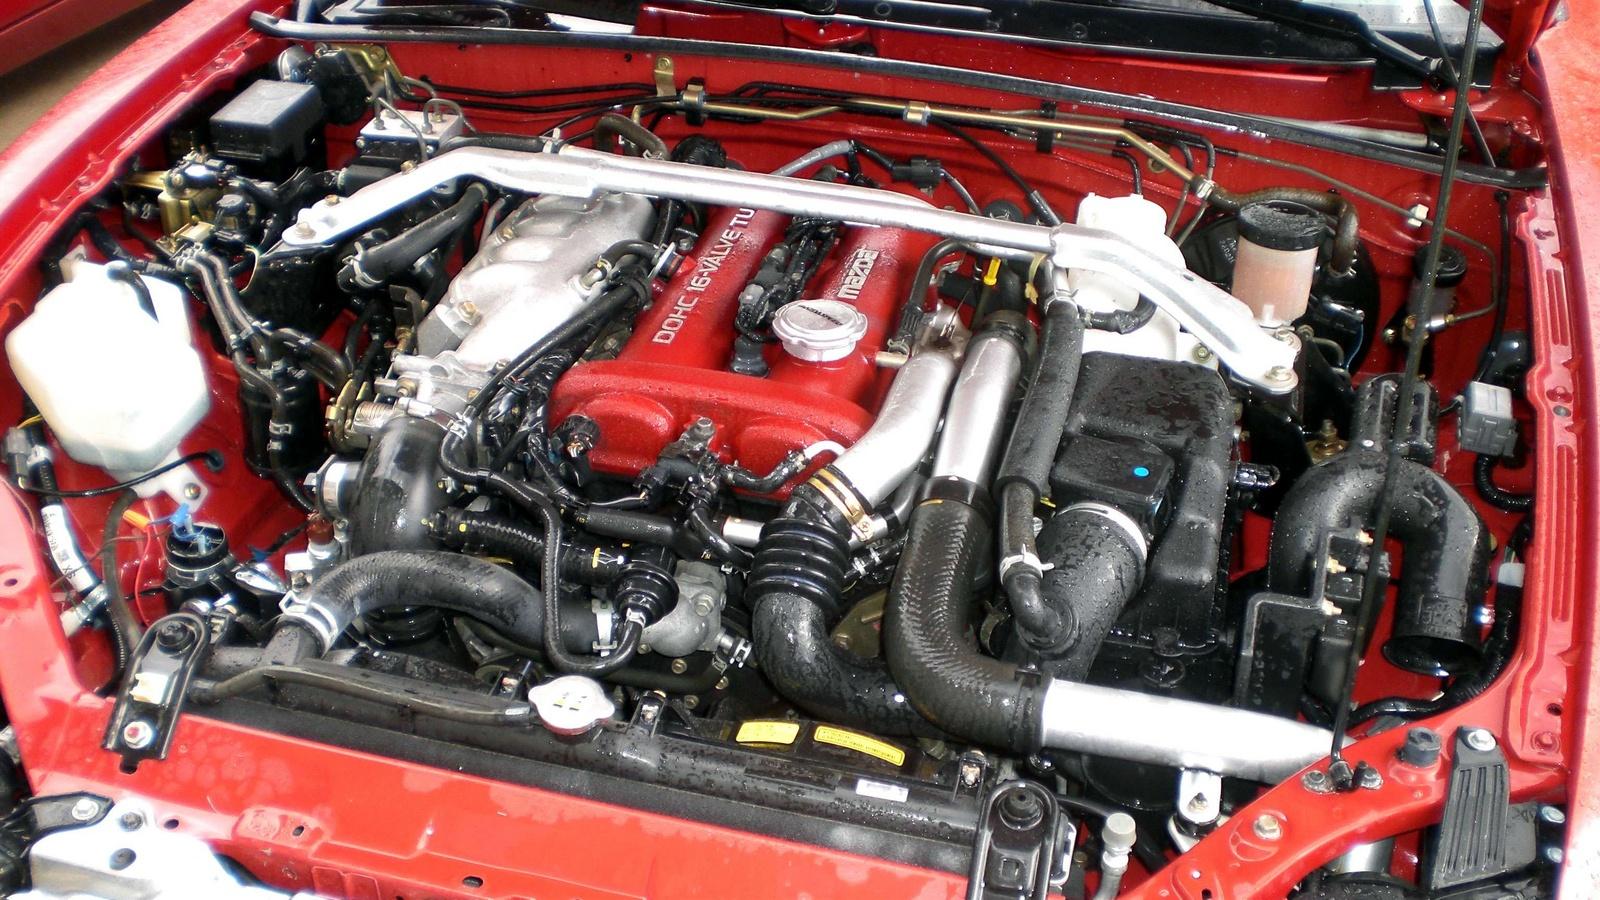 2004 Mazda Mazdaspeed Mx 5 Miata Pictures Cargurus